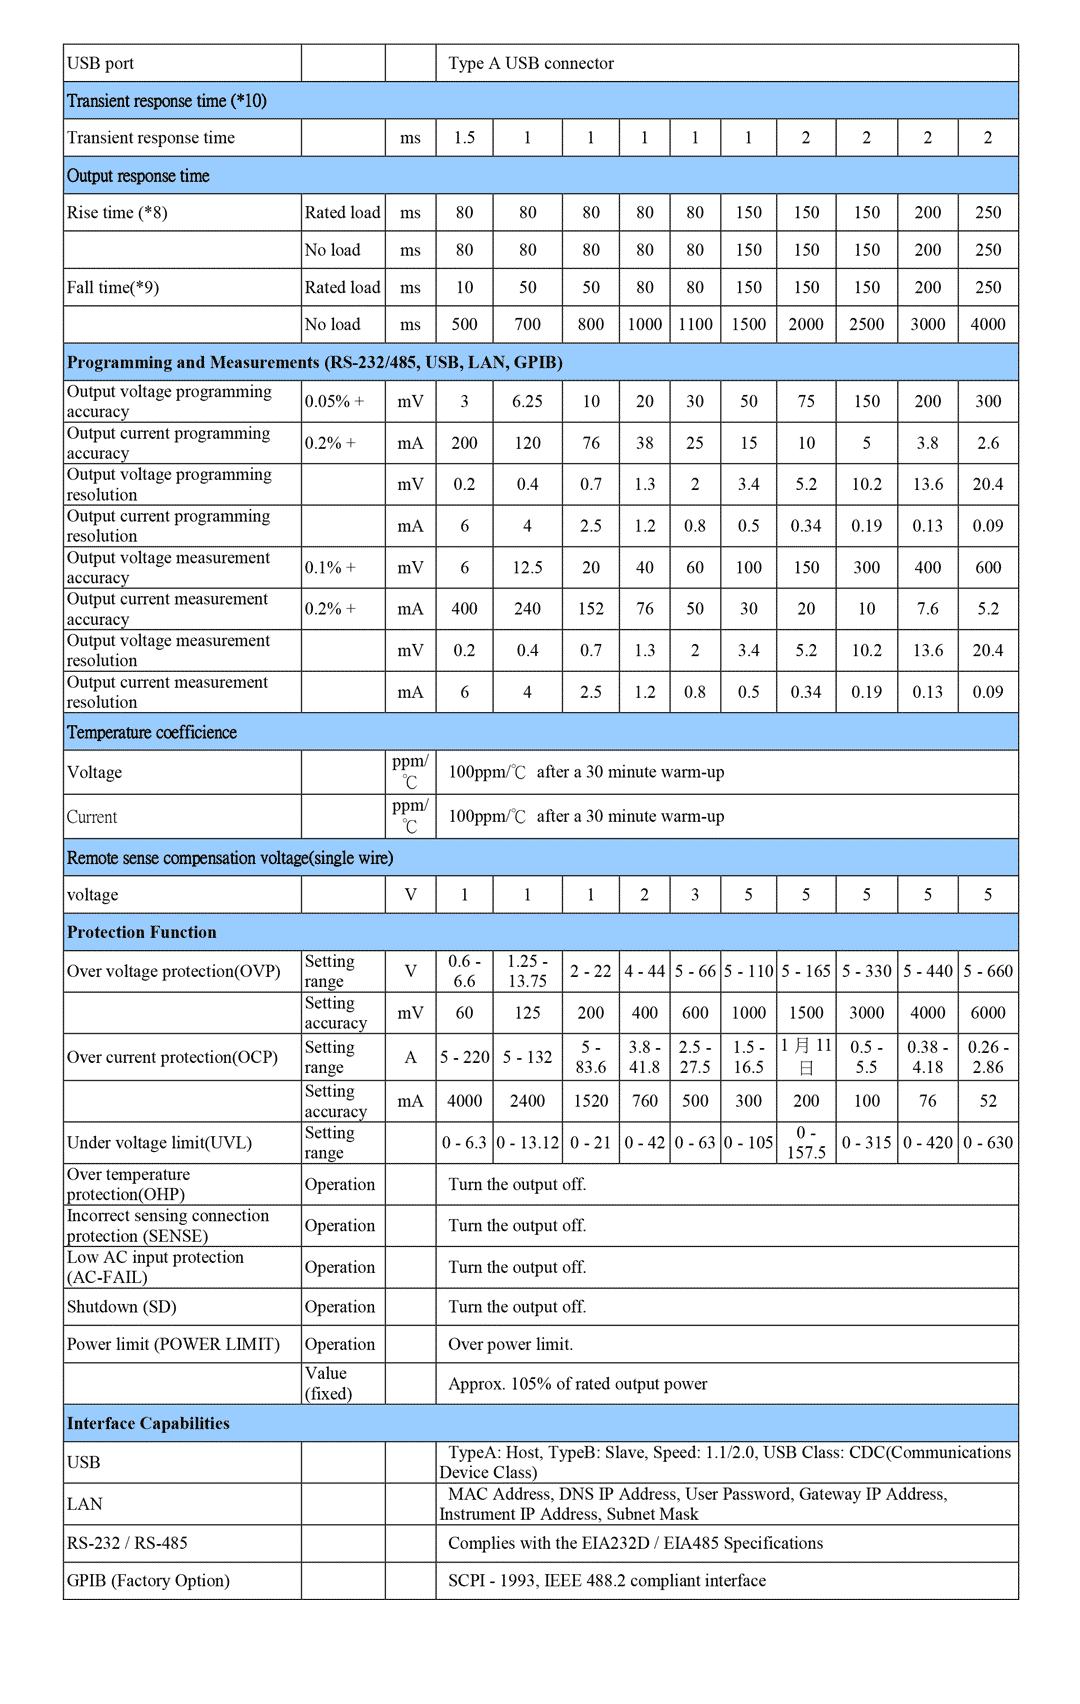 Spec GW Instek PSU 60-25-1